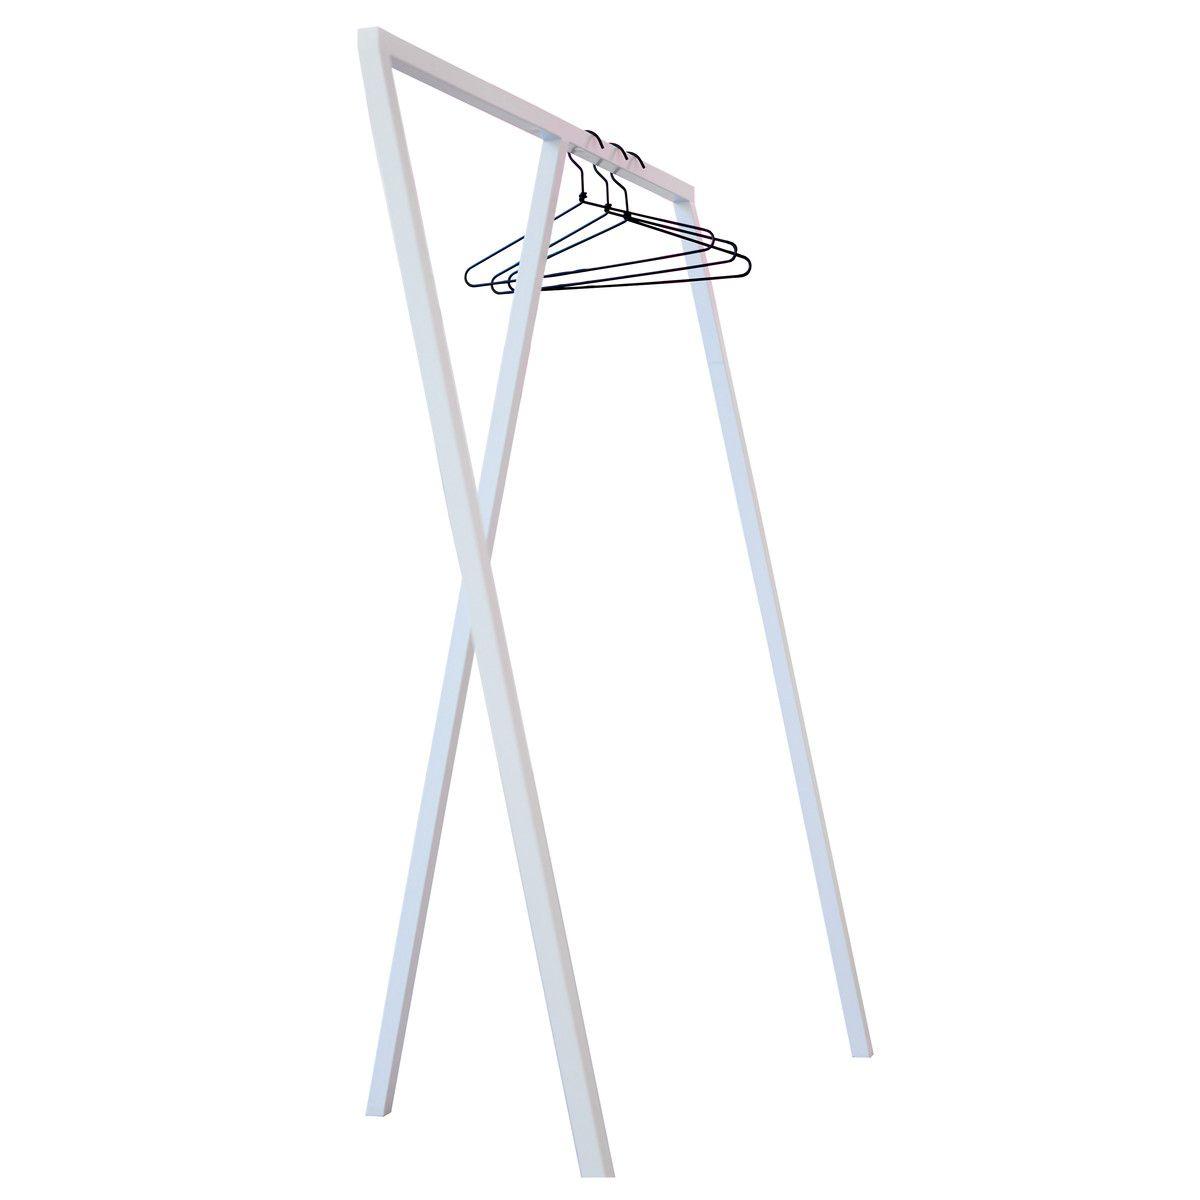 Hay Loop Stand Garderobenstander Klein Schwarz Hay Loop Stand Wardrobe Hay Loop Stand Hay Loop